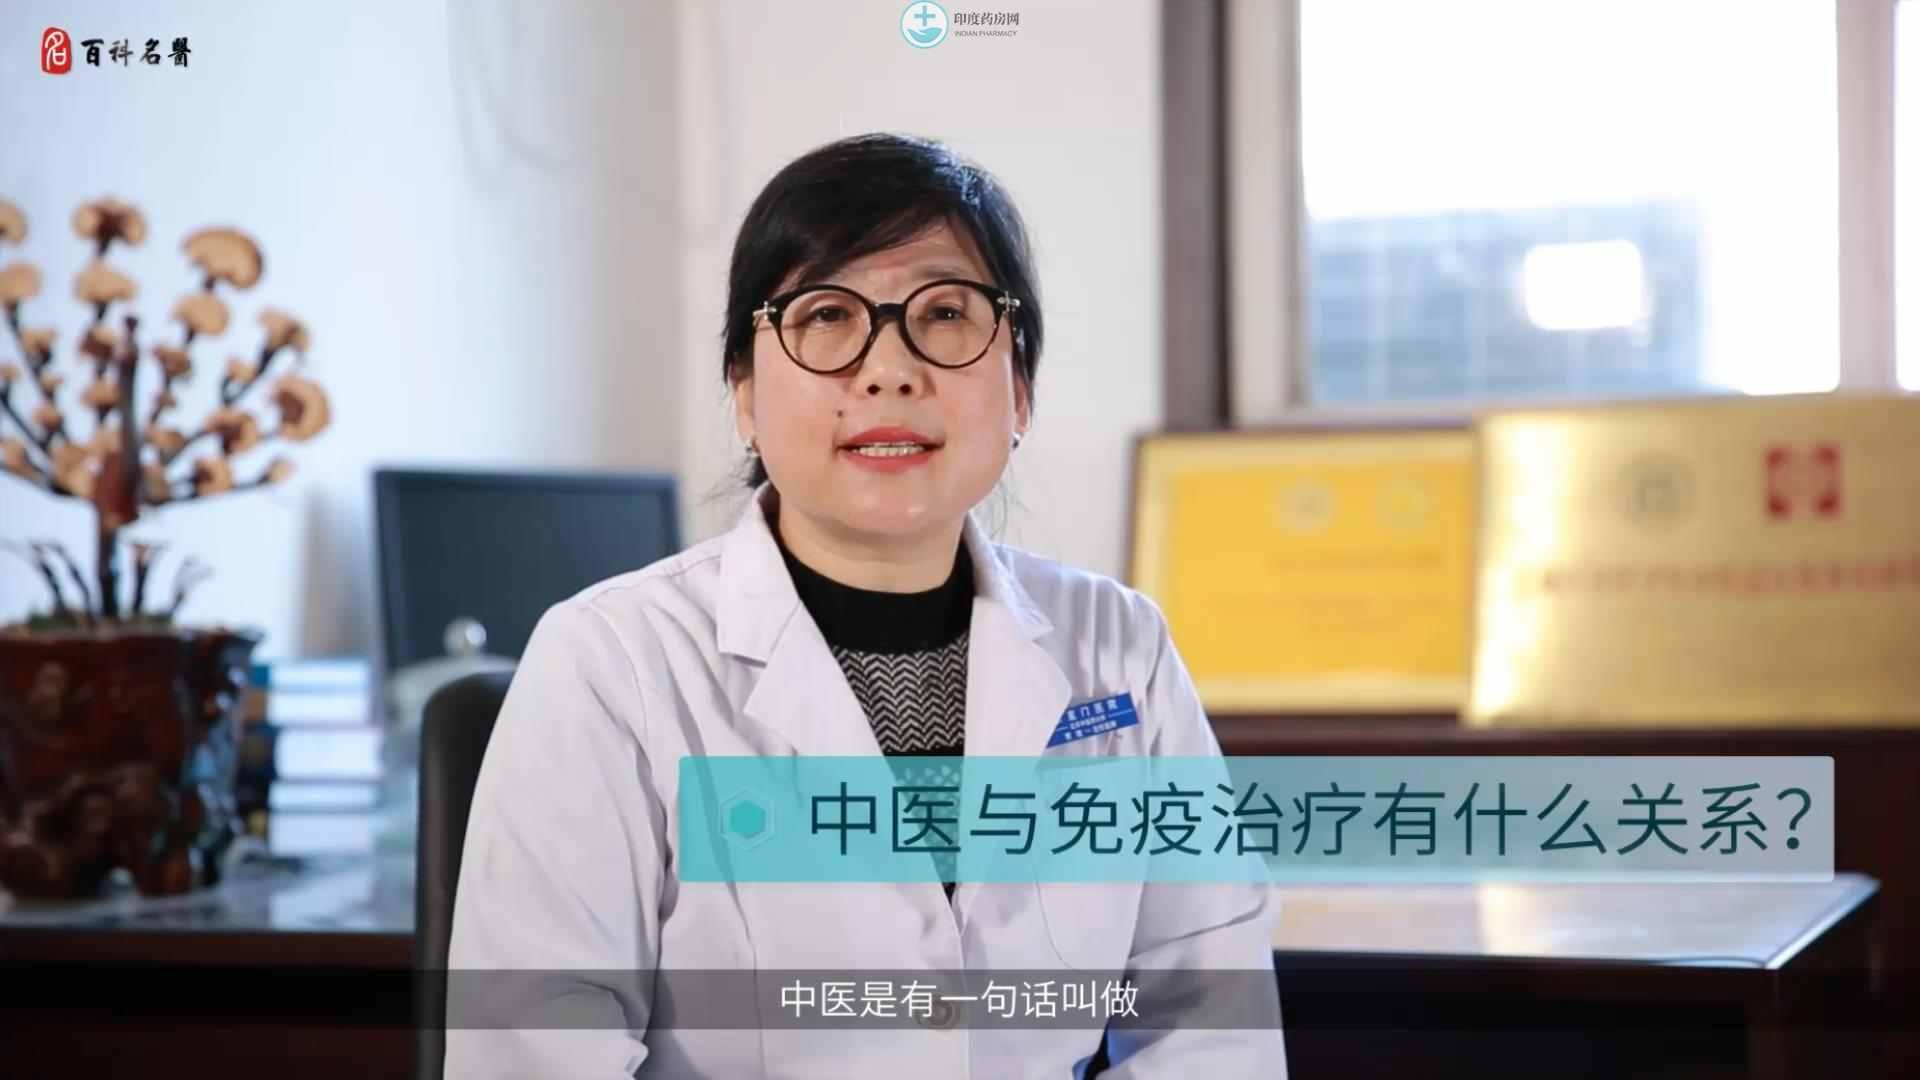 中医与免疫治疗有什么关系?